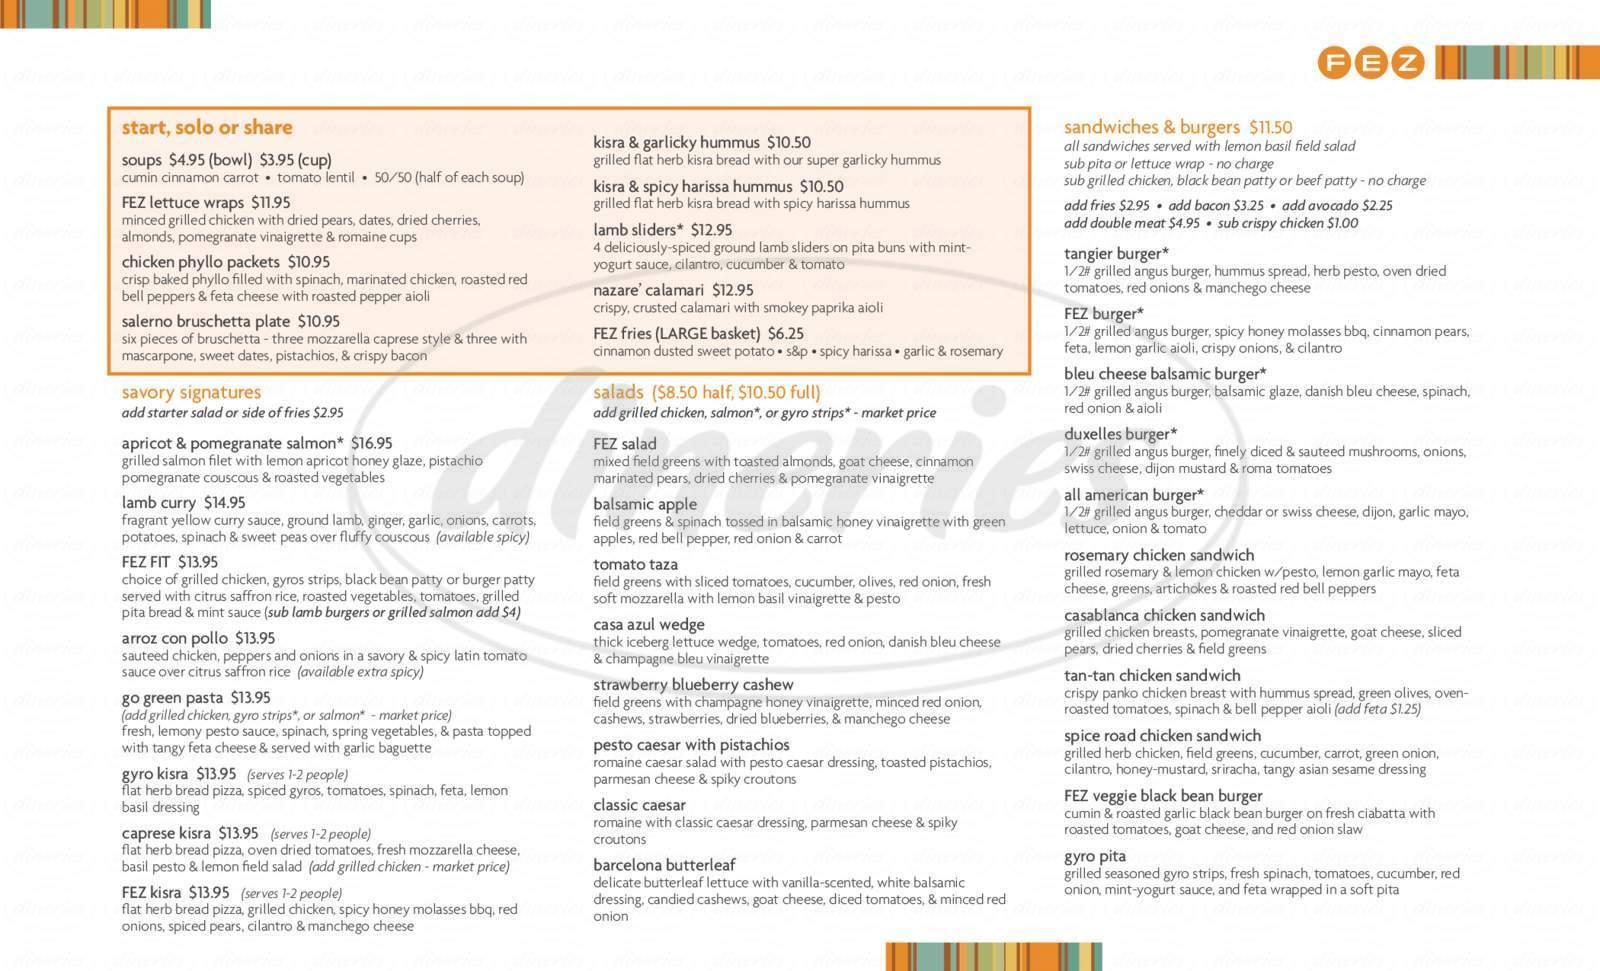 menu for FEZ